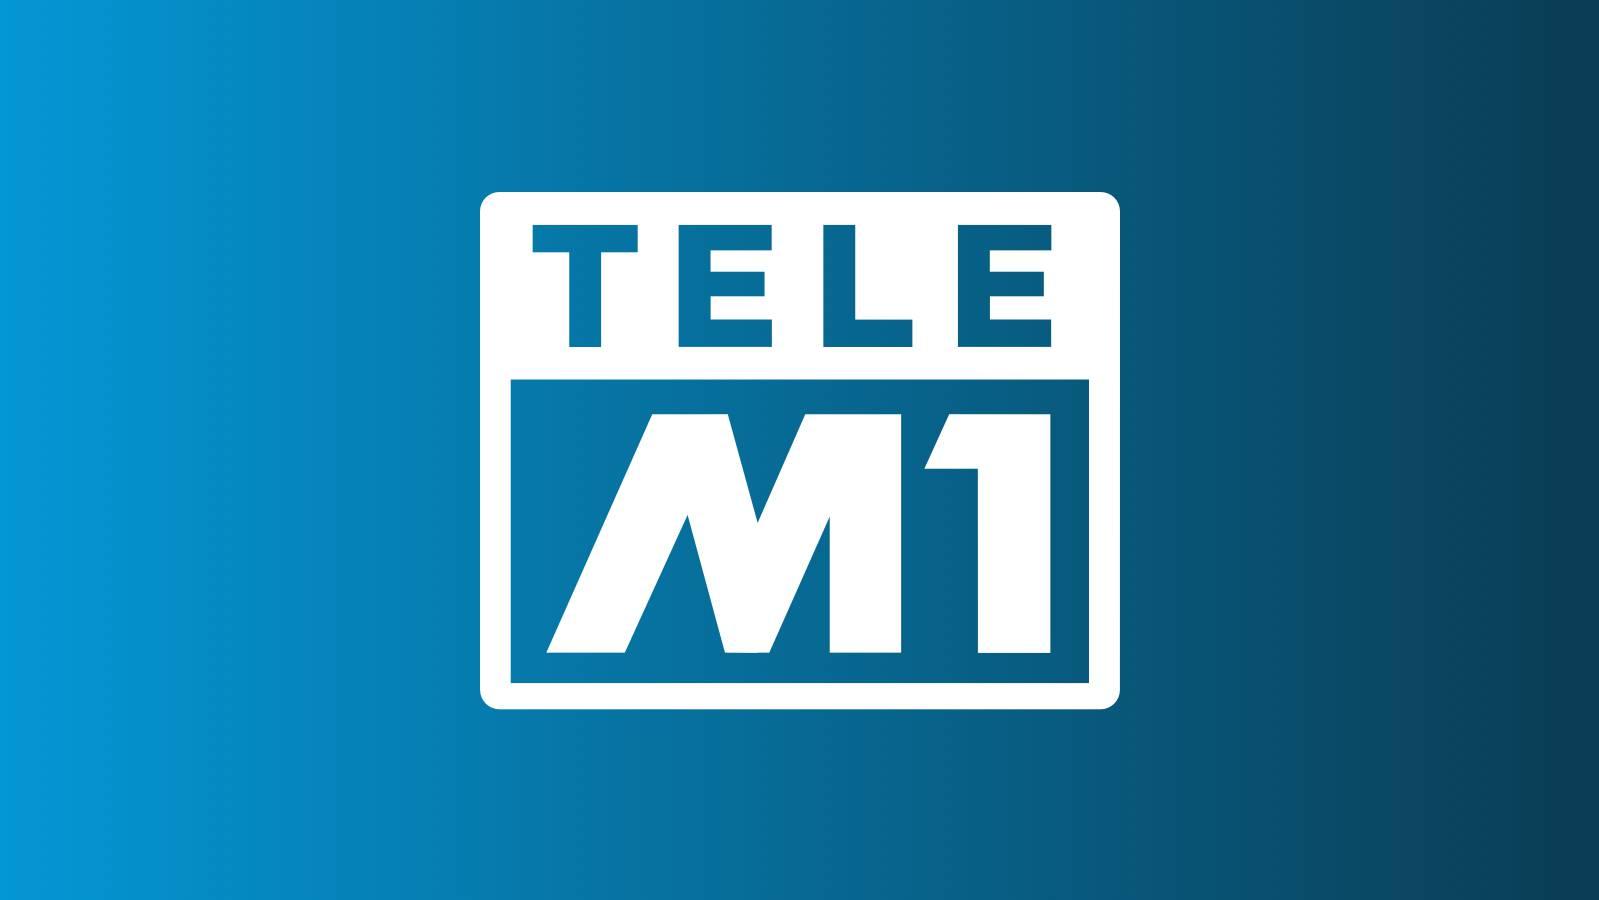 TeleM1